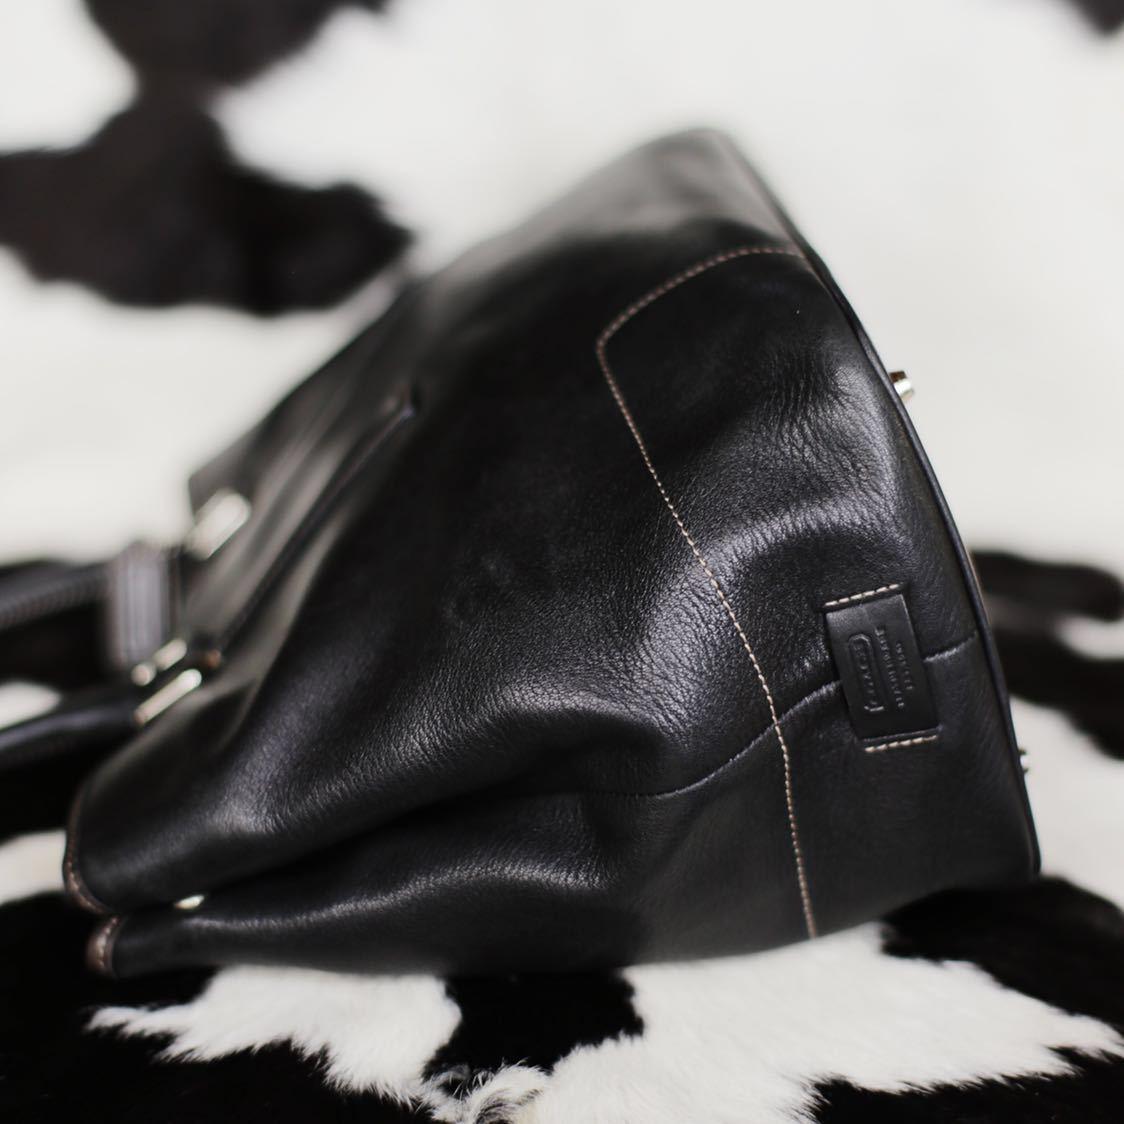 極美品 美品 コーチ COACH トートバッグ バッグ ビジネスバッグ 黒 ブラック レザー メンズバッグ 牛革 17万 オールドコーチ ヴィンテージ_画像3